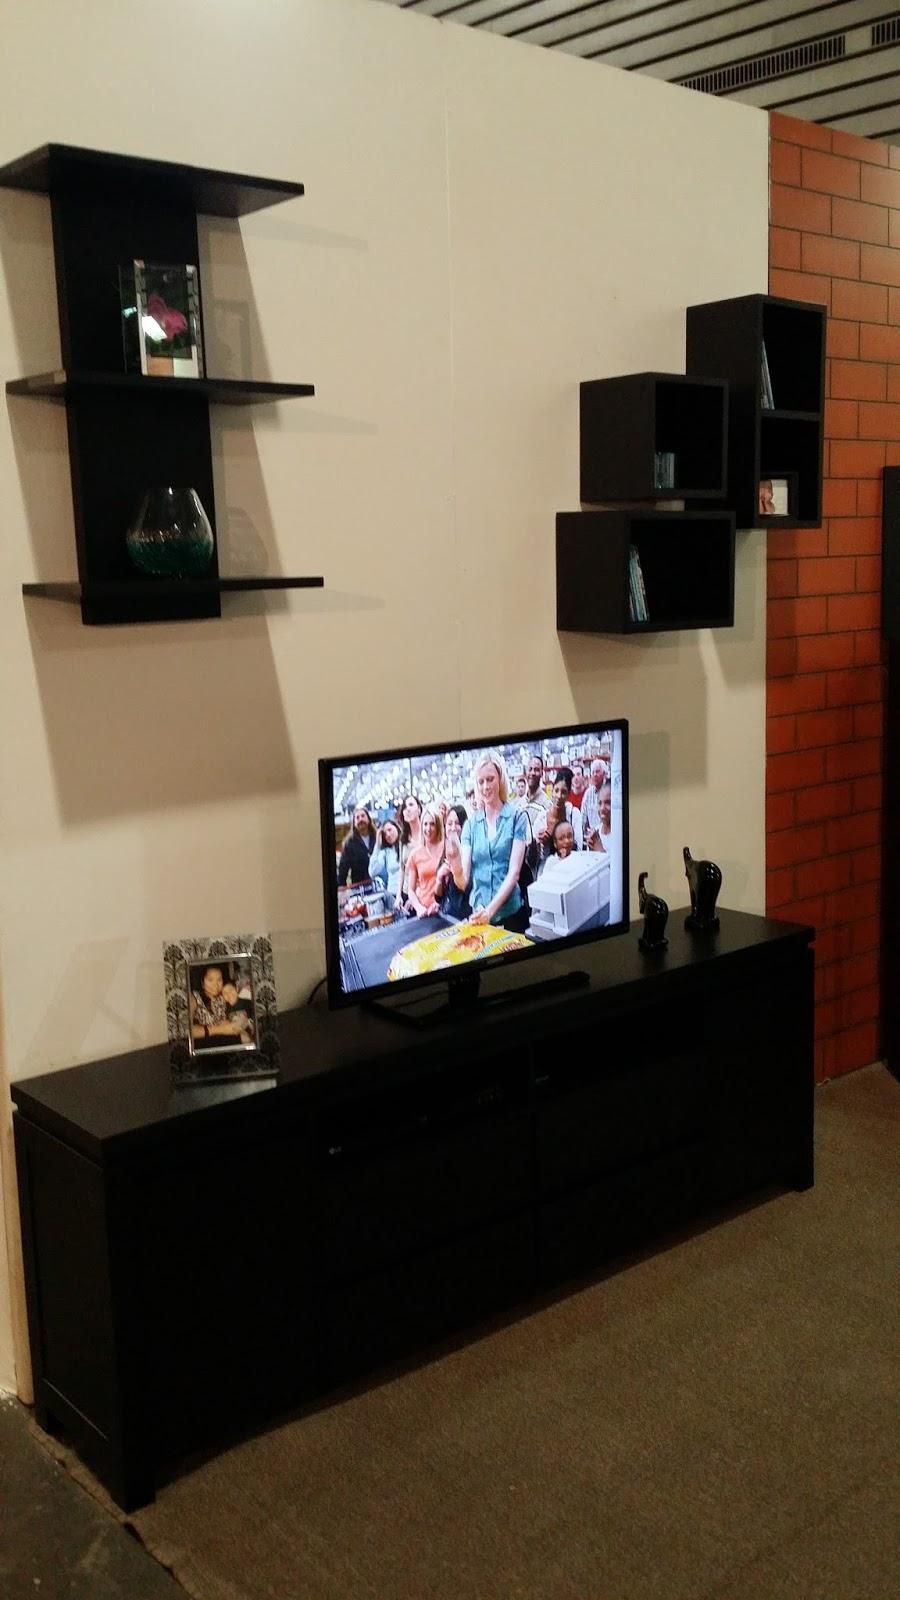 El artesano del mueble megaferia mueble hogar y decoracion for Hogar del mueble